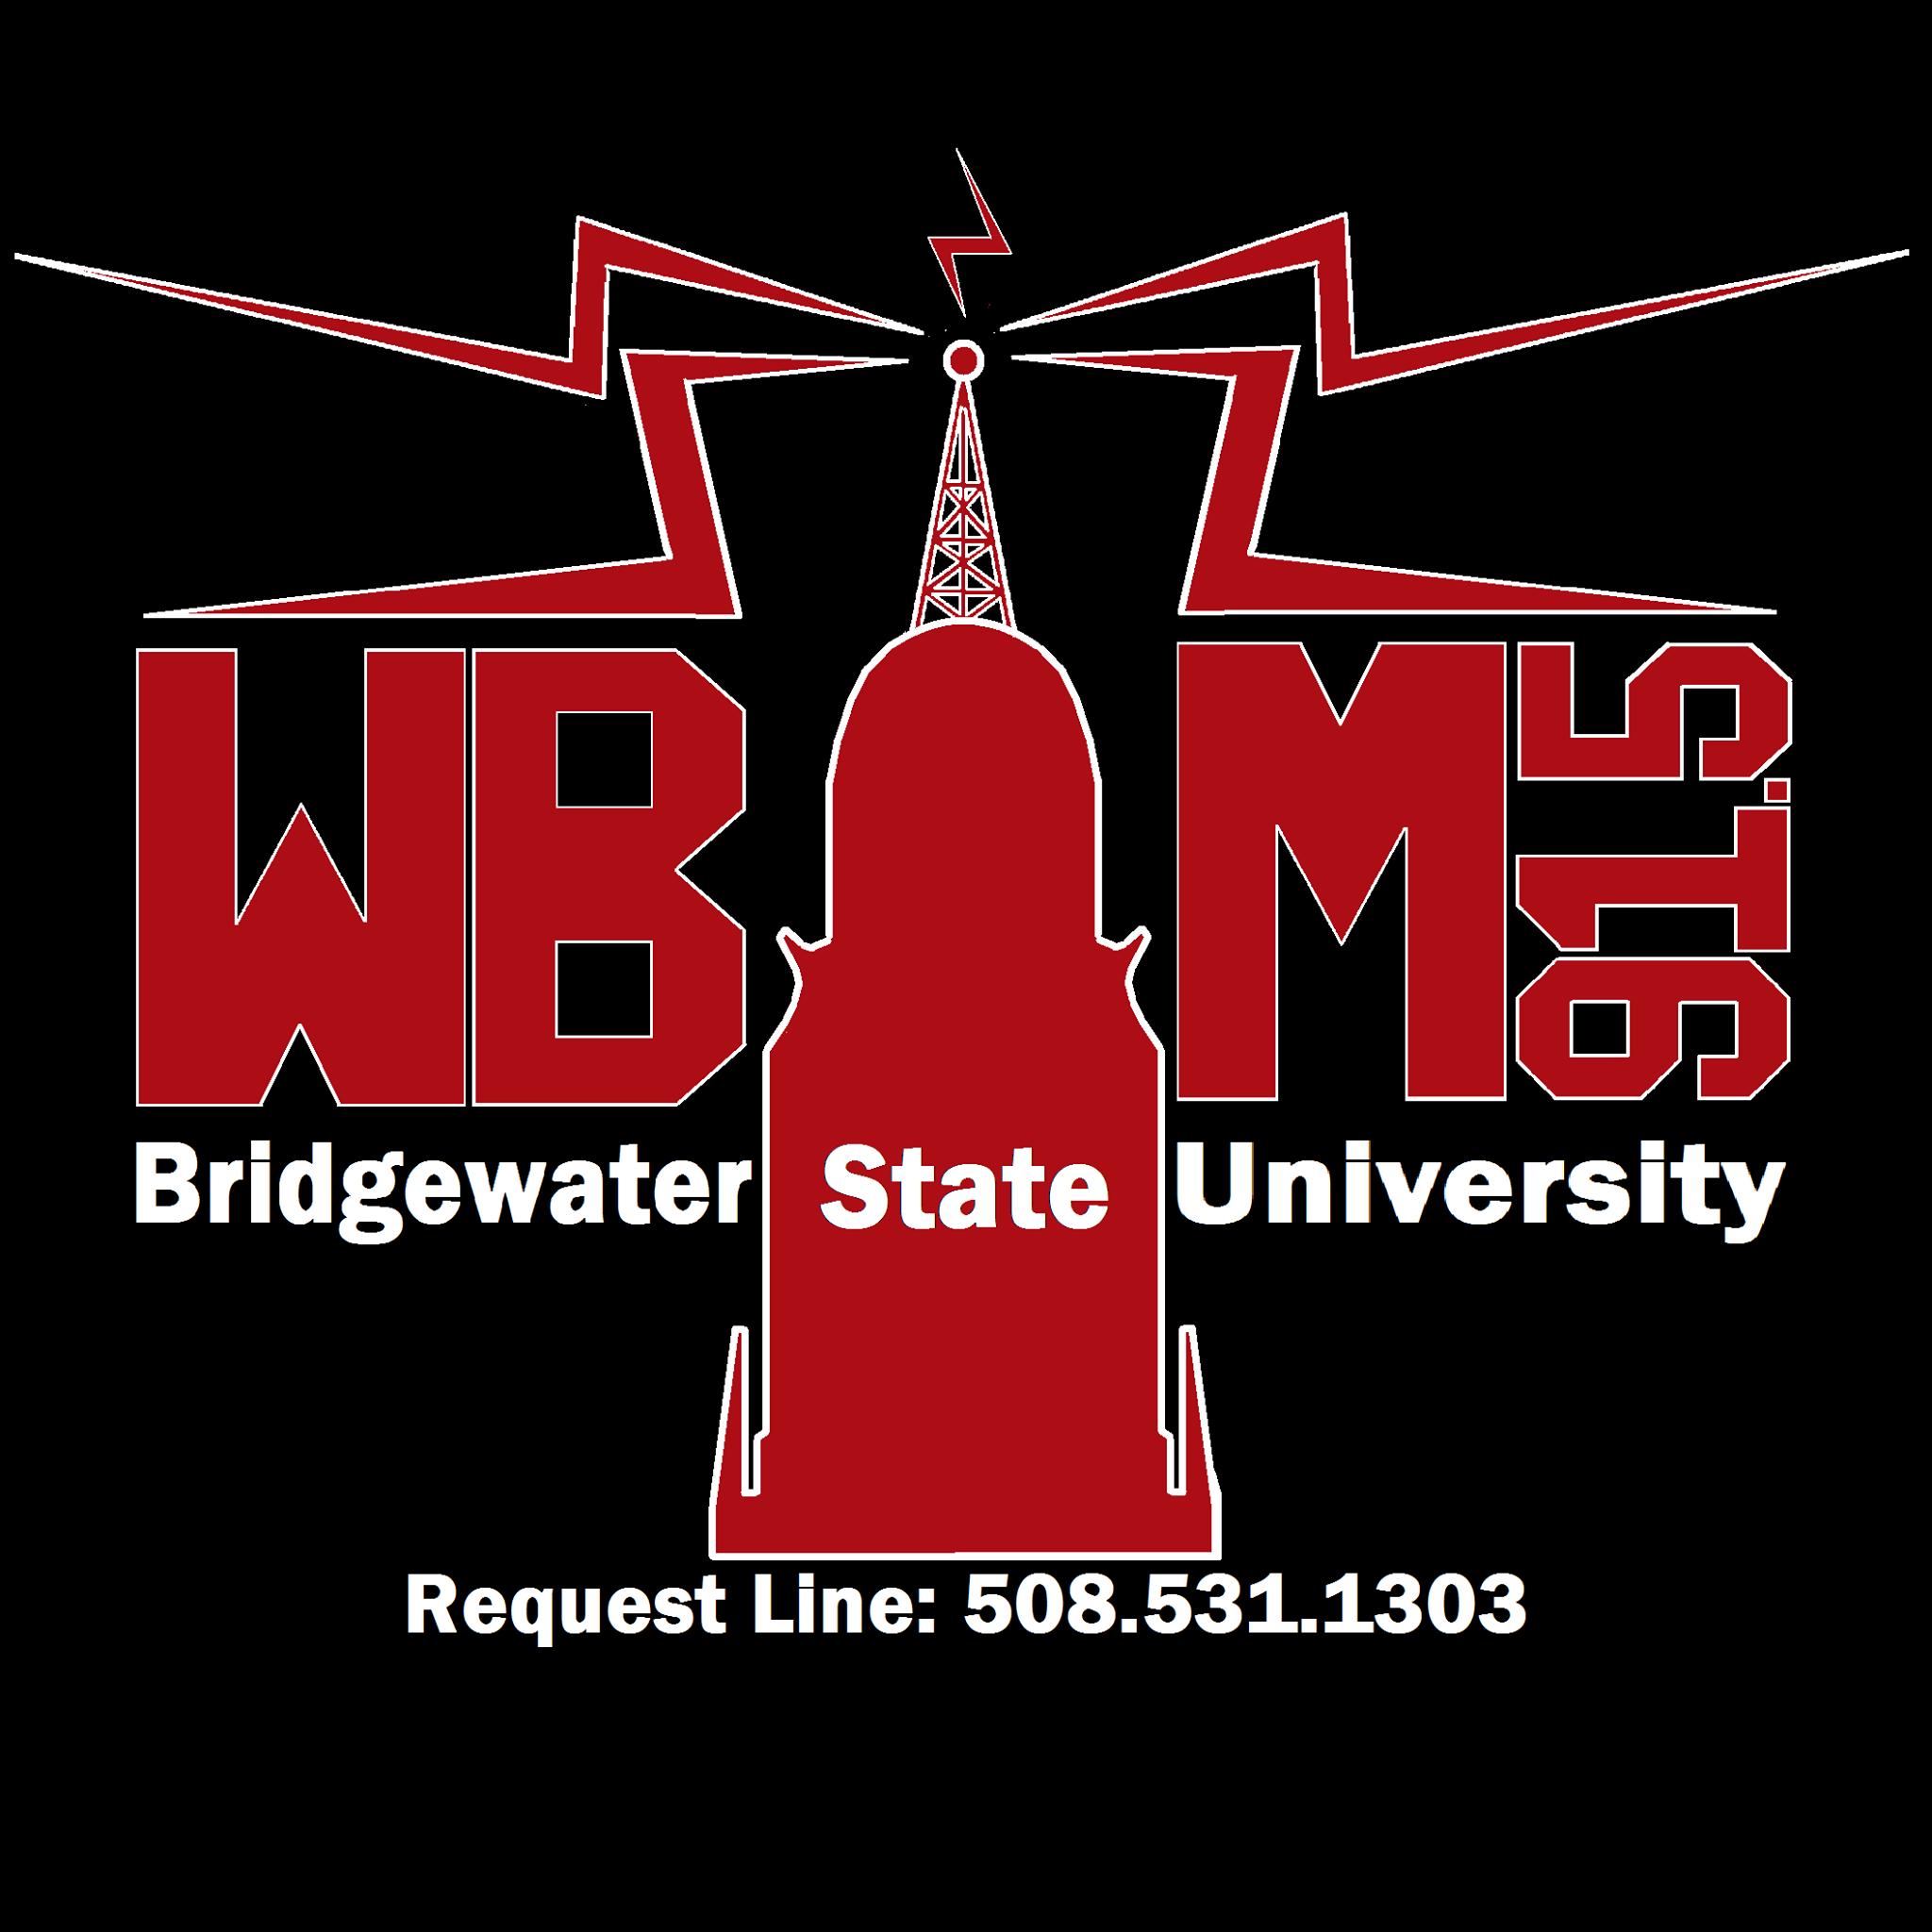 Image: WBIM via Facebook